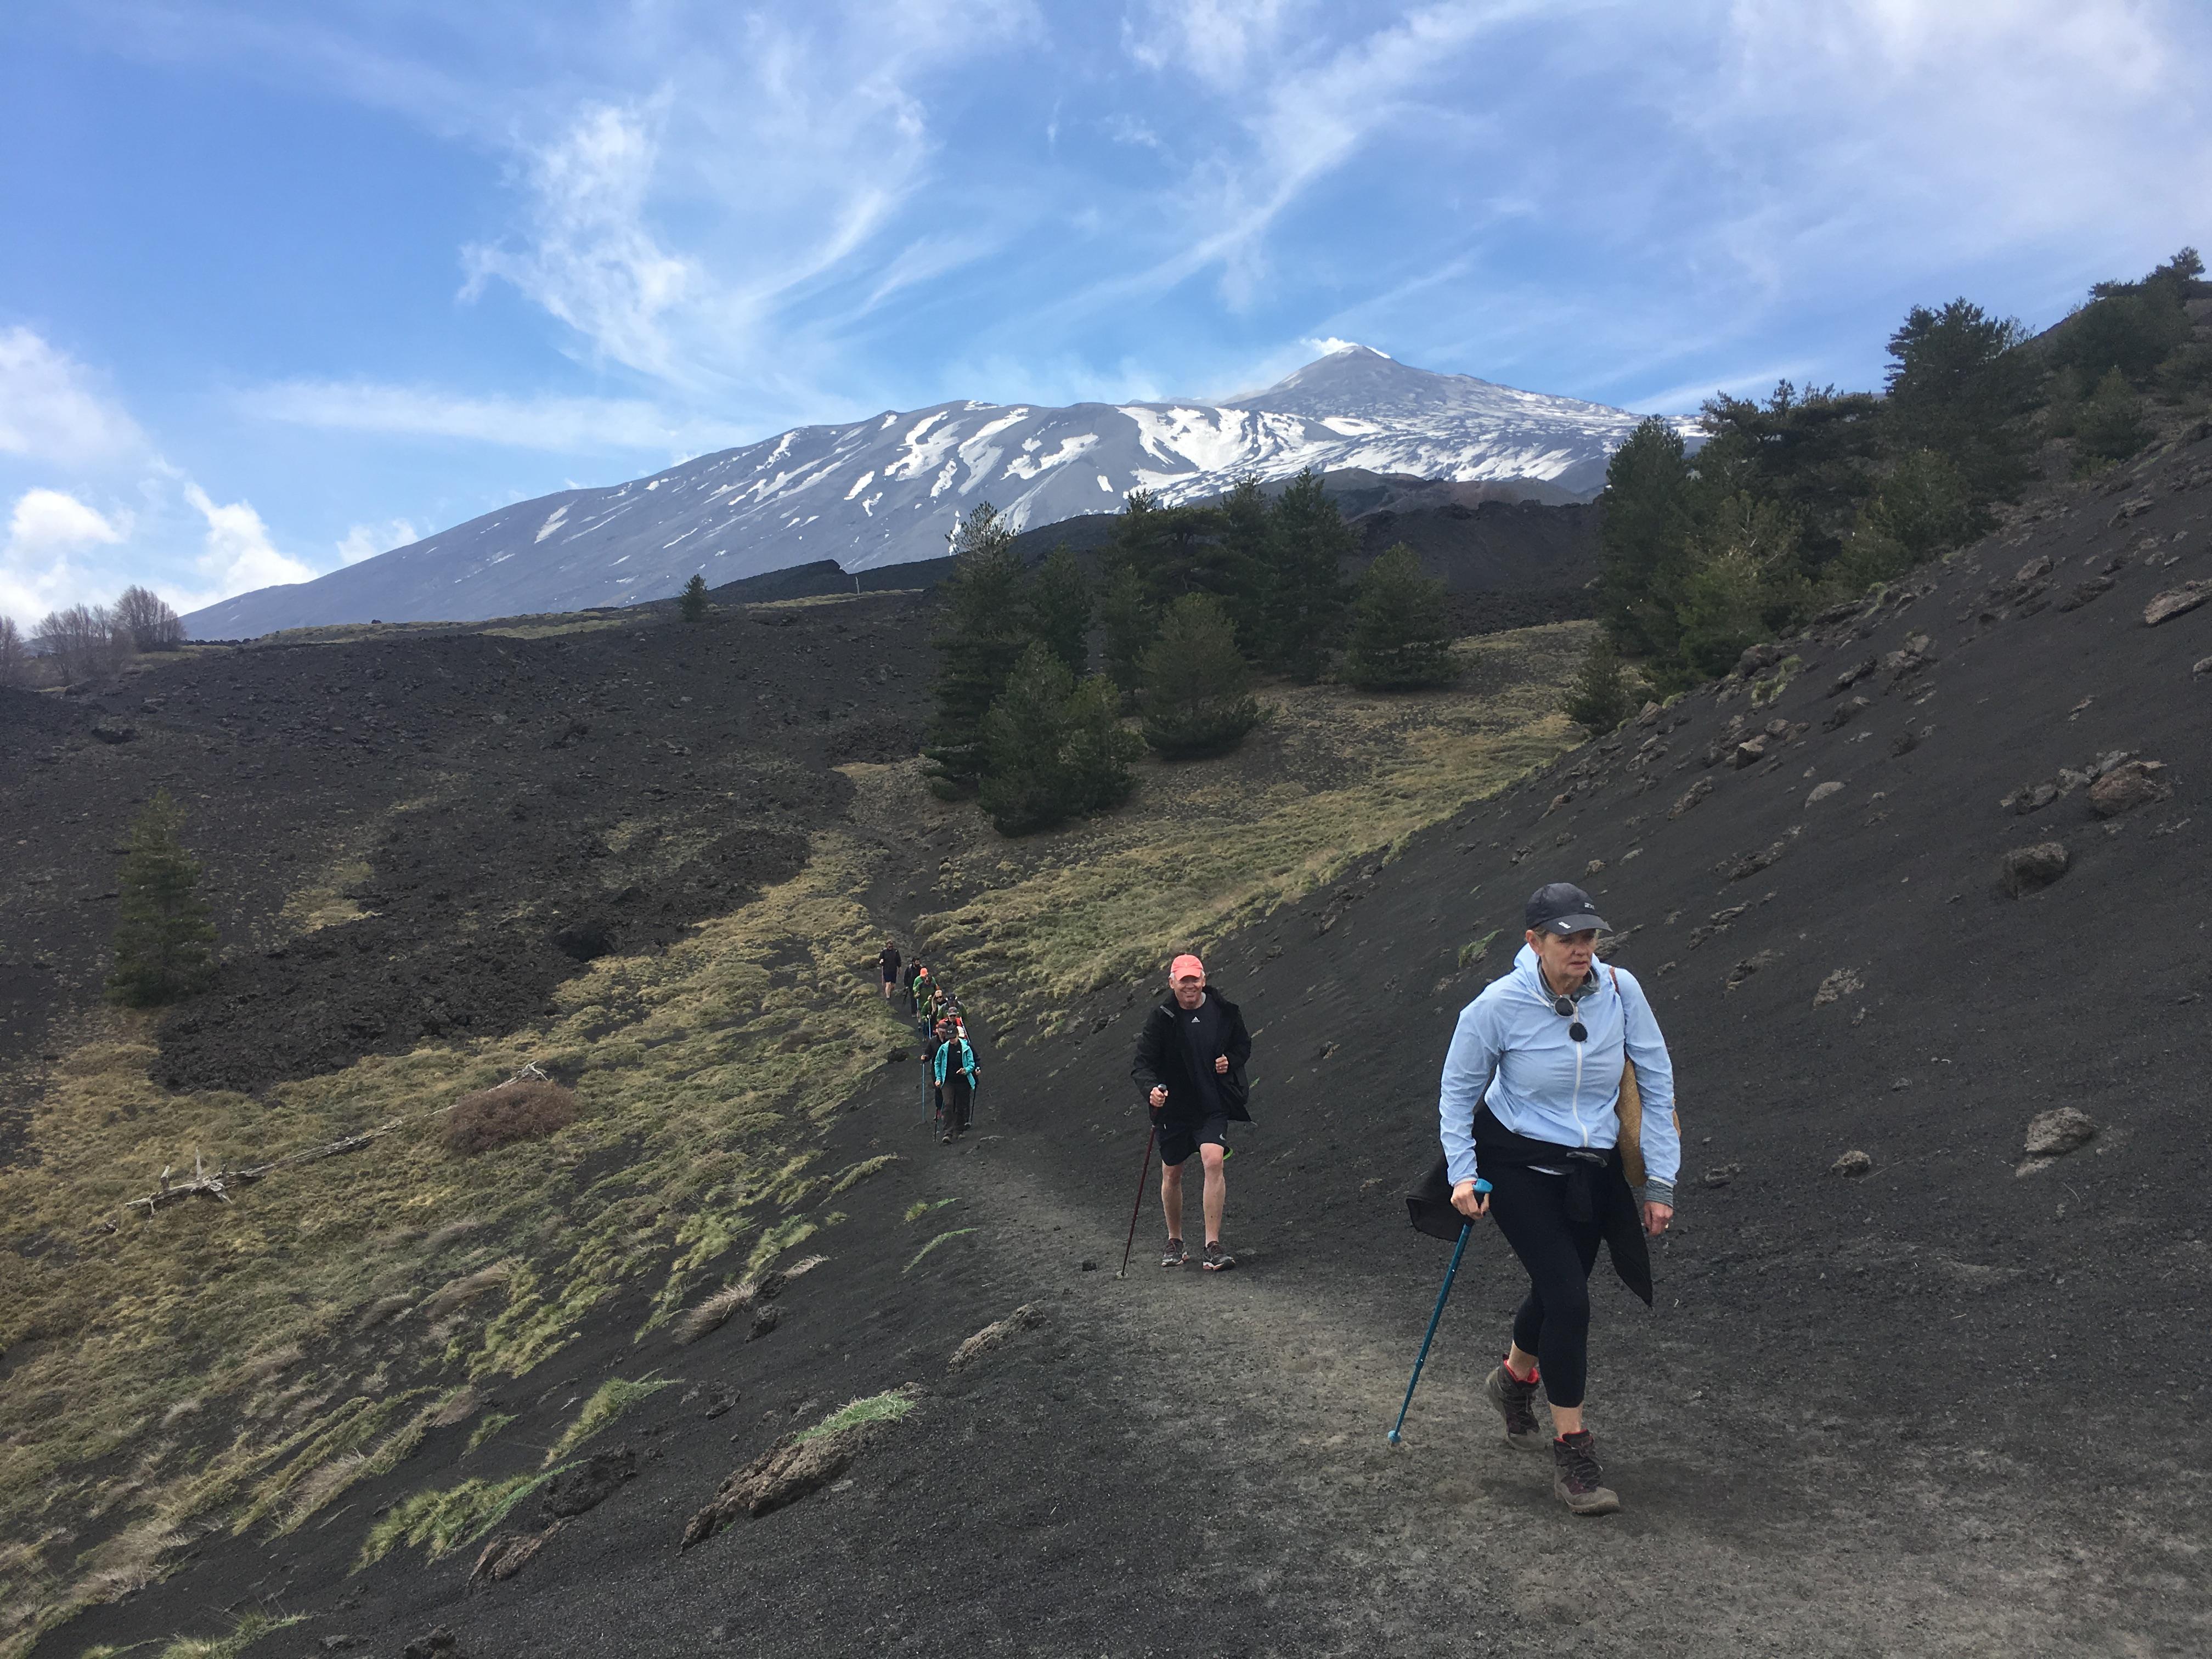 sendersimo Etna en grupo con guía